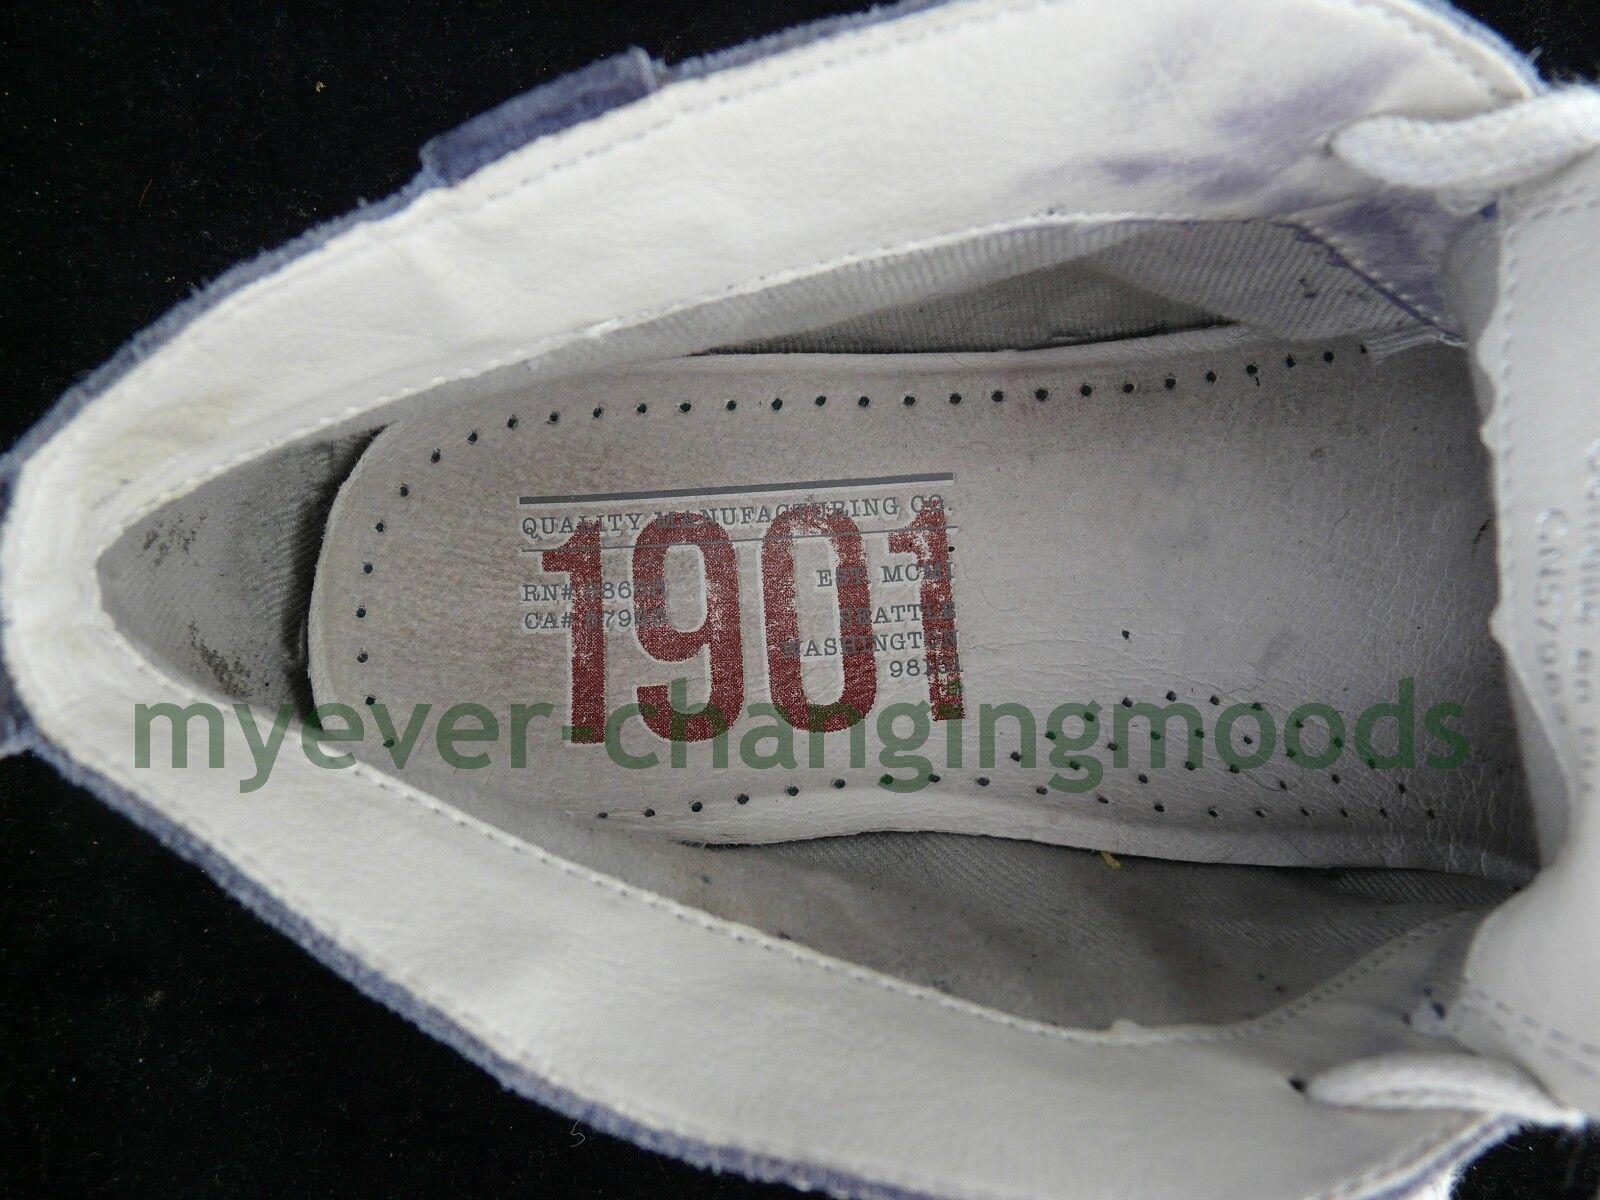 Nordstrom 1901 Blue Suede Chukka da uomo taglia alla EU 43 alla taglia caviglia a metà altezza Exclusiv 8e1ad6